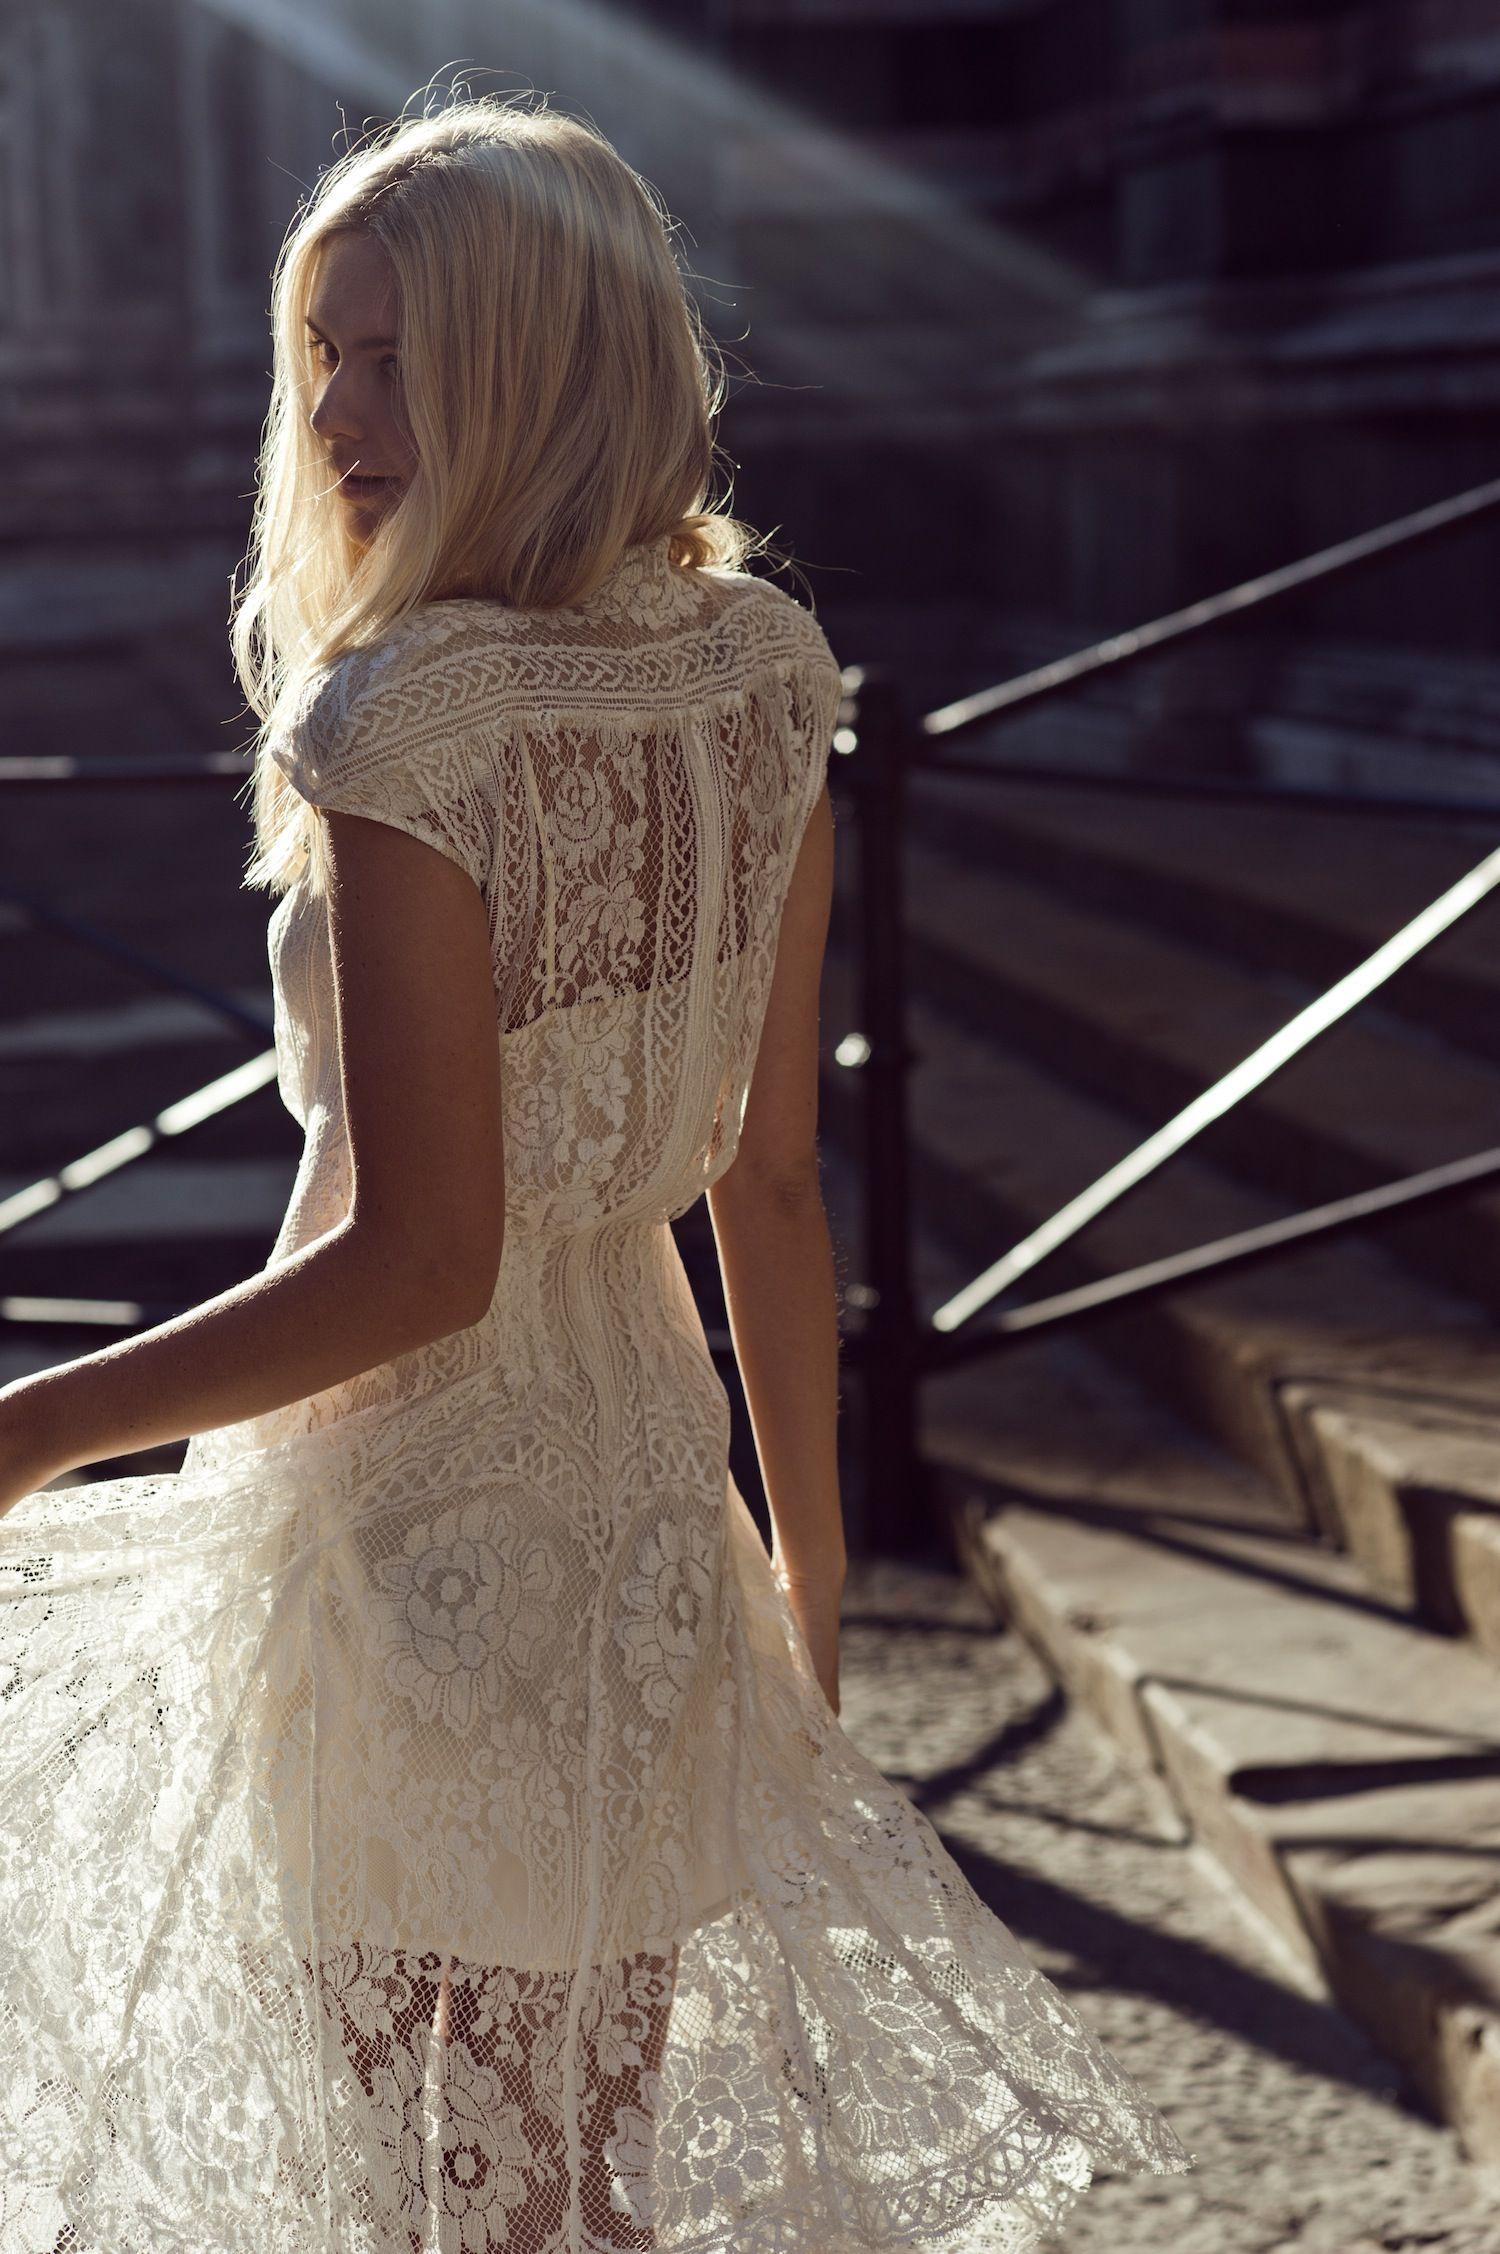 Casual hippie wedding dresses  via luespoir    p e r f e c t l y p r e t t y   Pinterest